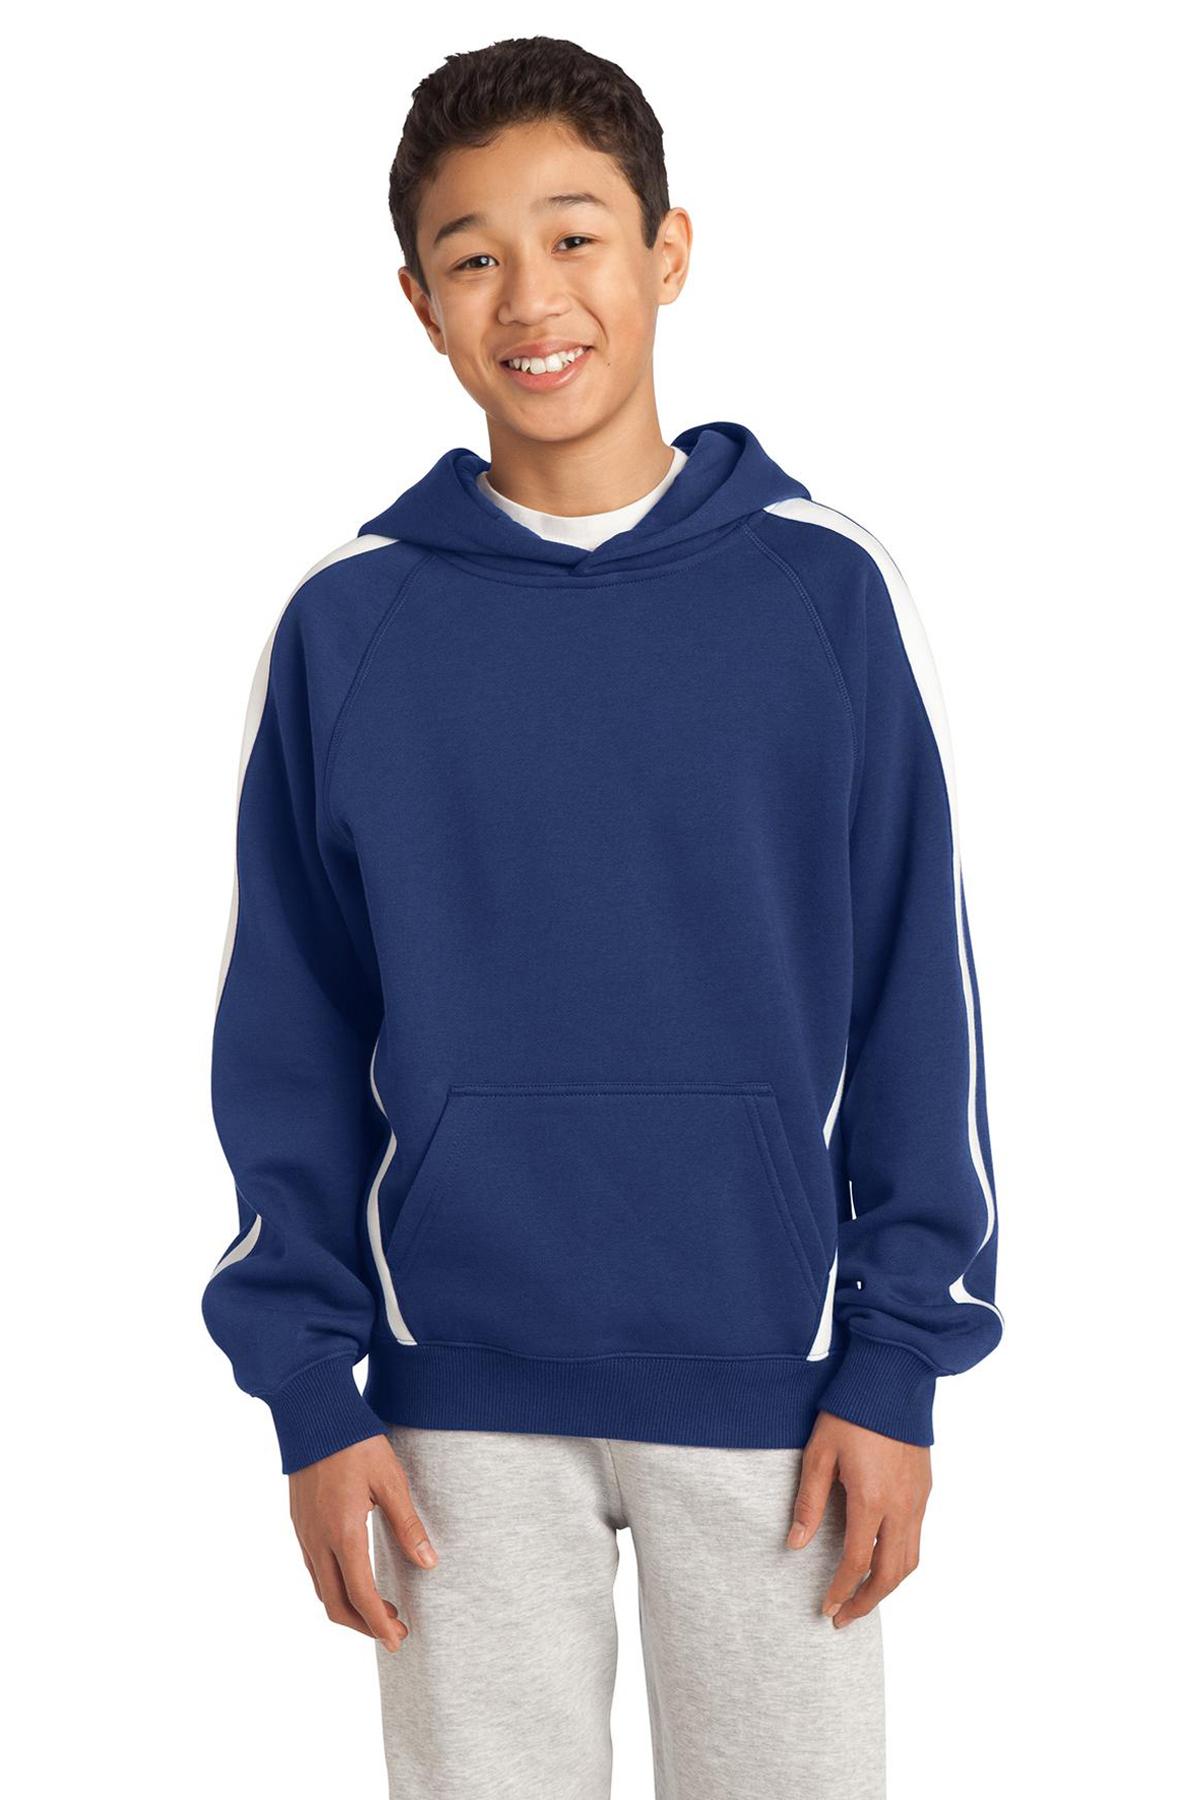 Sweatshirts-Fleece-Hooded-71